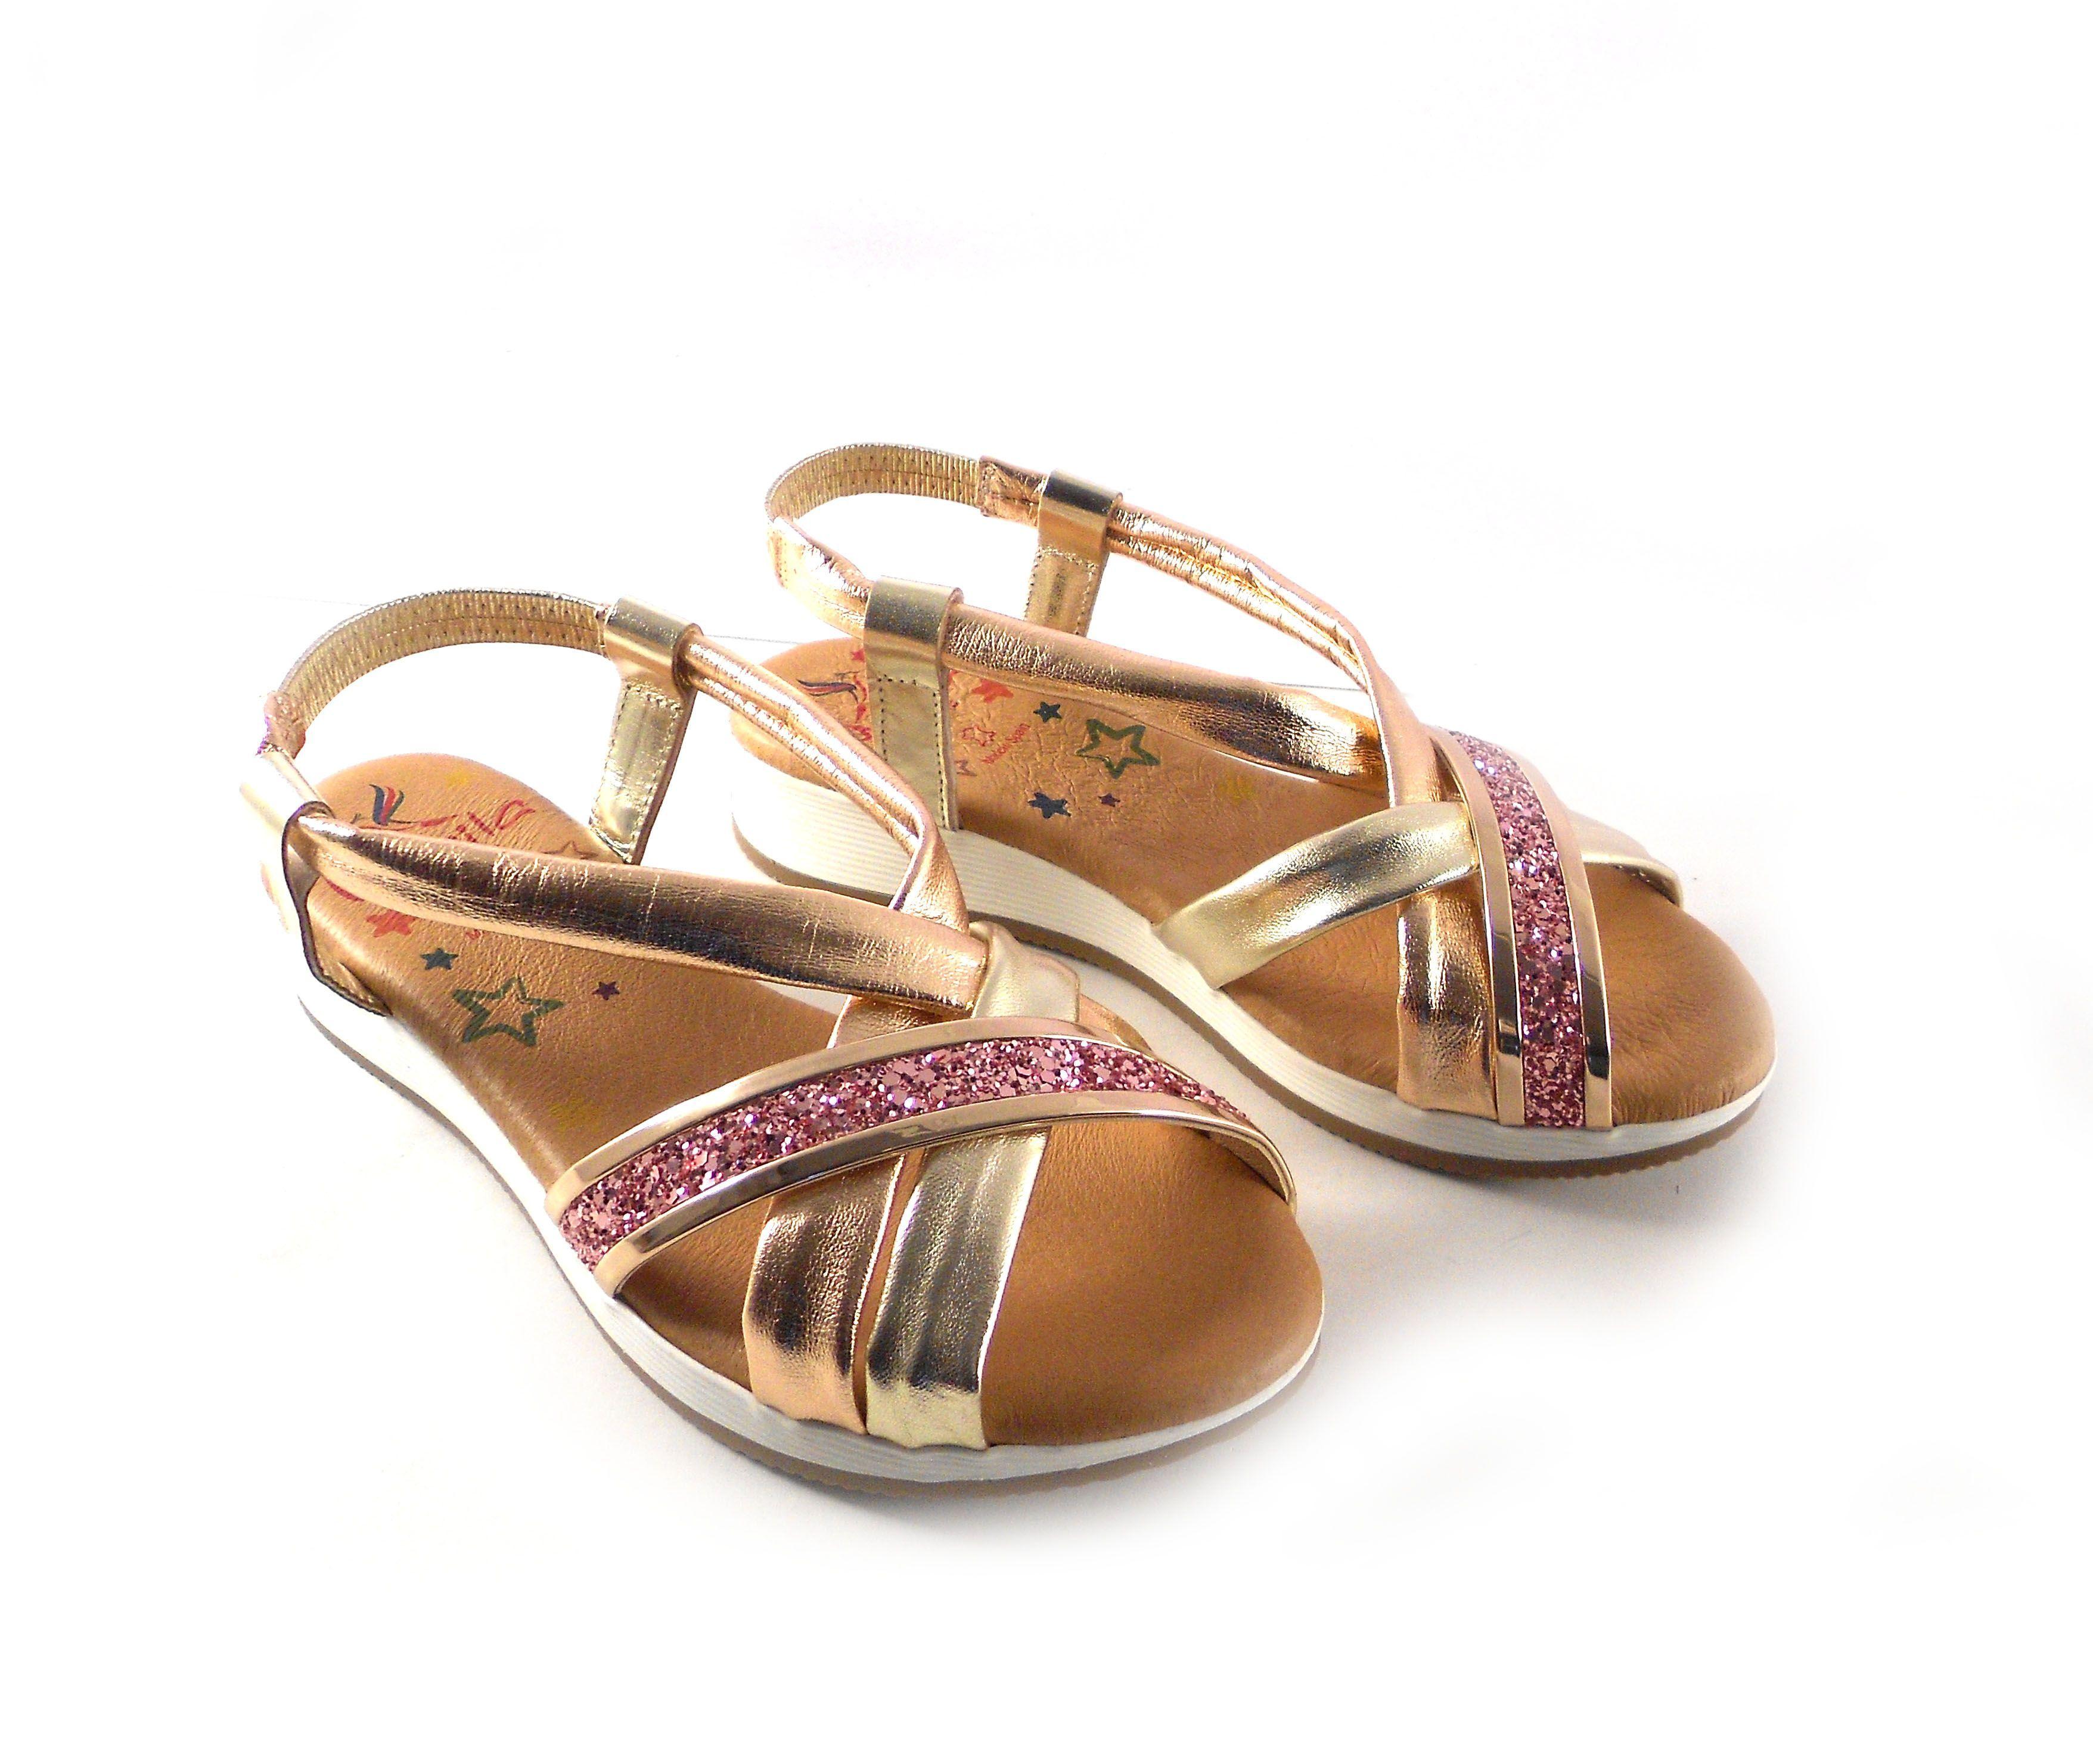 Piel Shoes De Marila Glitter Con En Tiras Rosa Planas Sandalias Doradas CoWdBrxe